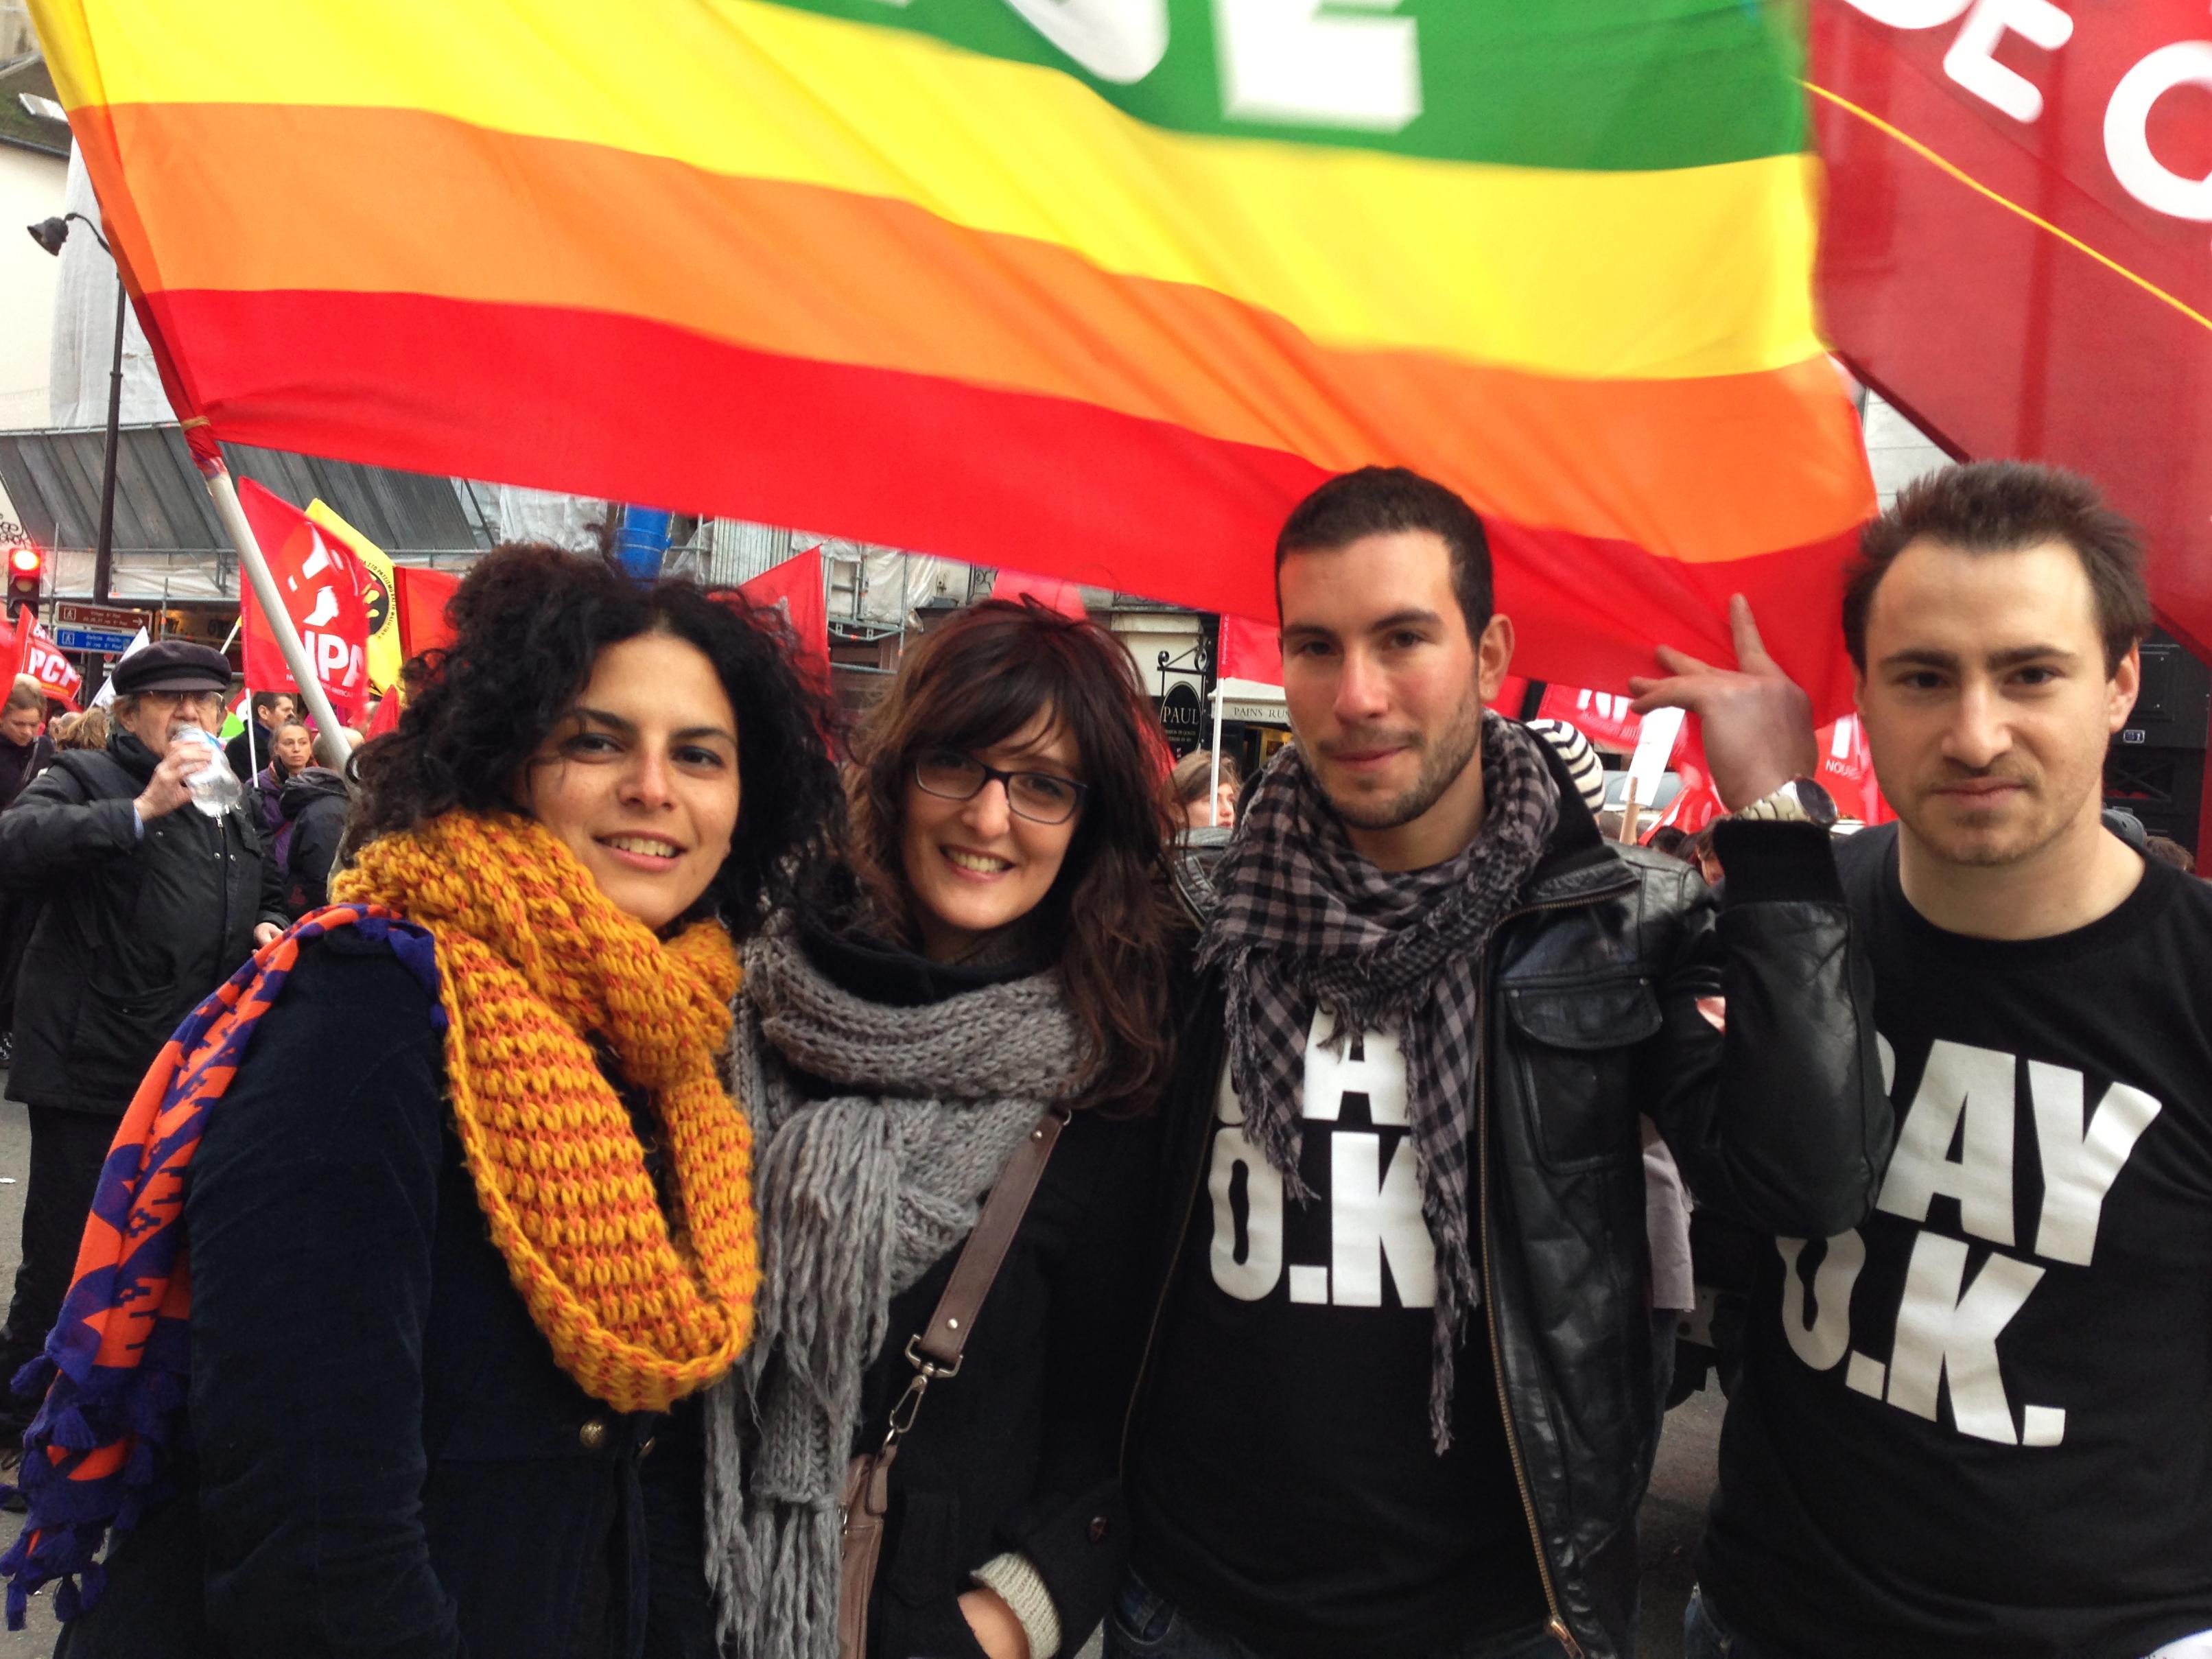 Manifestation pour le mariage pour tous et pour l'adoption homoparentale à Paris, le 16 décembre 2012